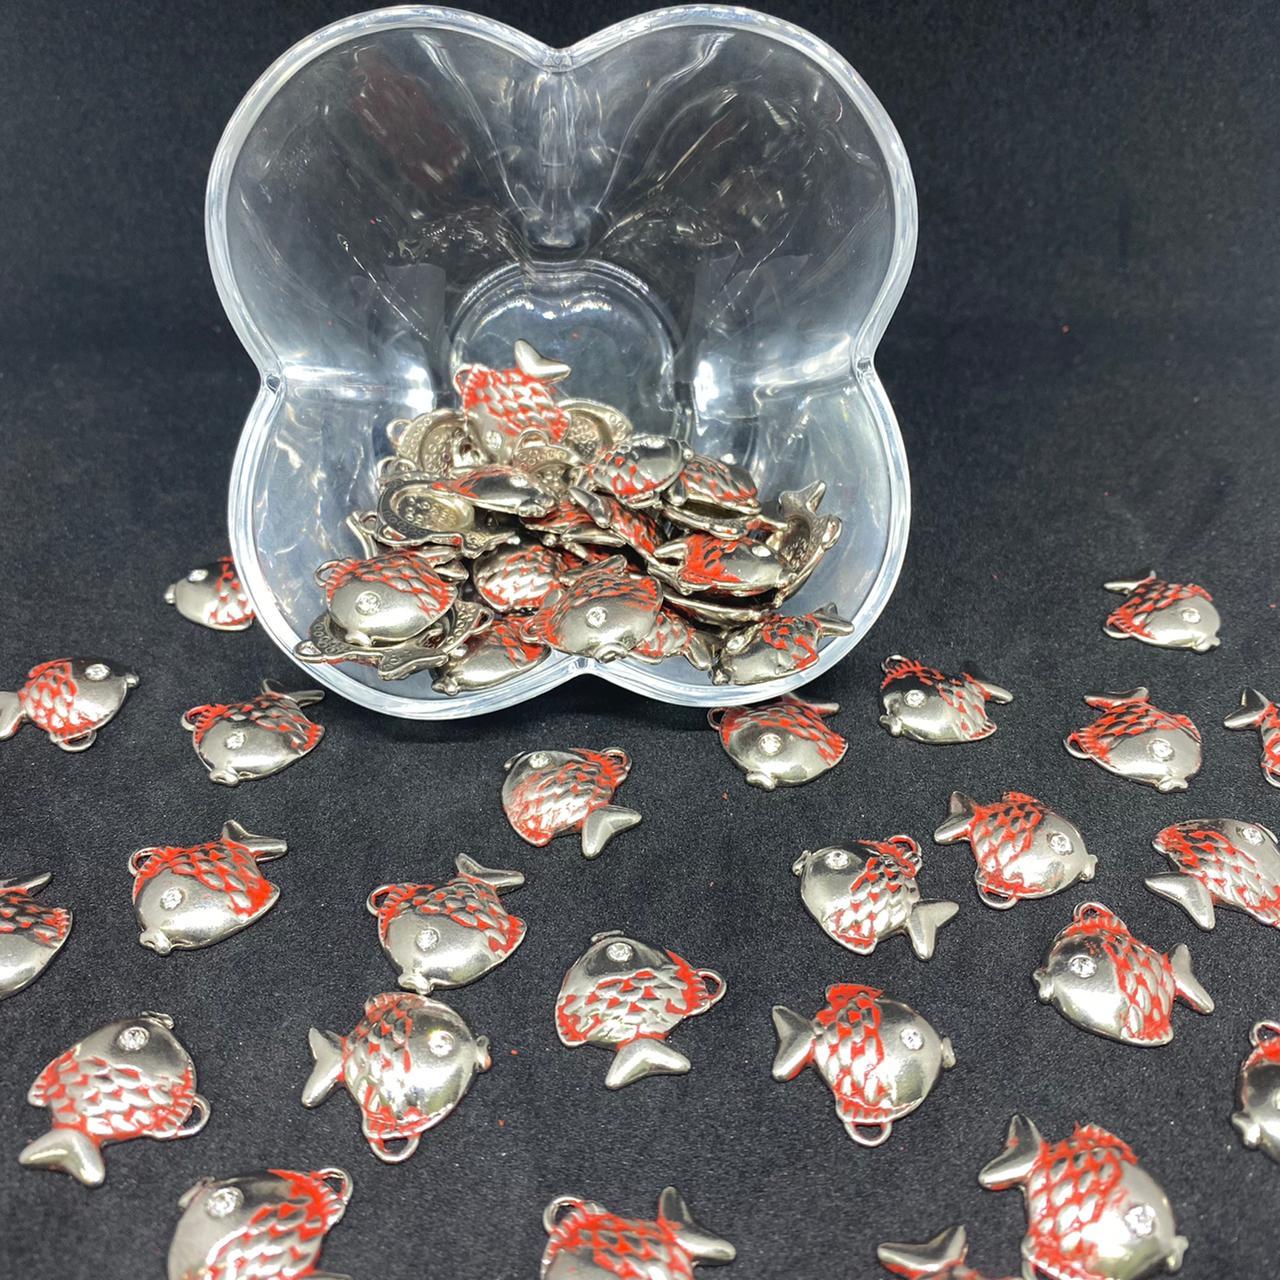 Pingente de peixe prata c/ vermelho  19x19mm / unidade (5171)